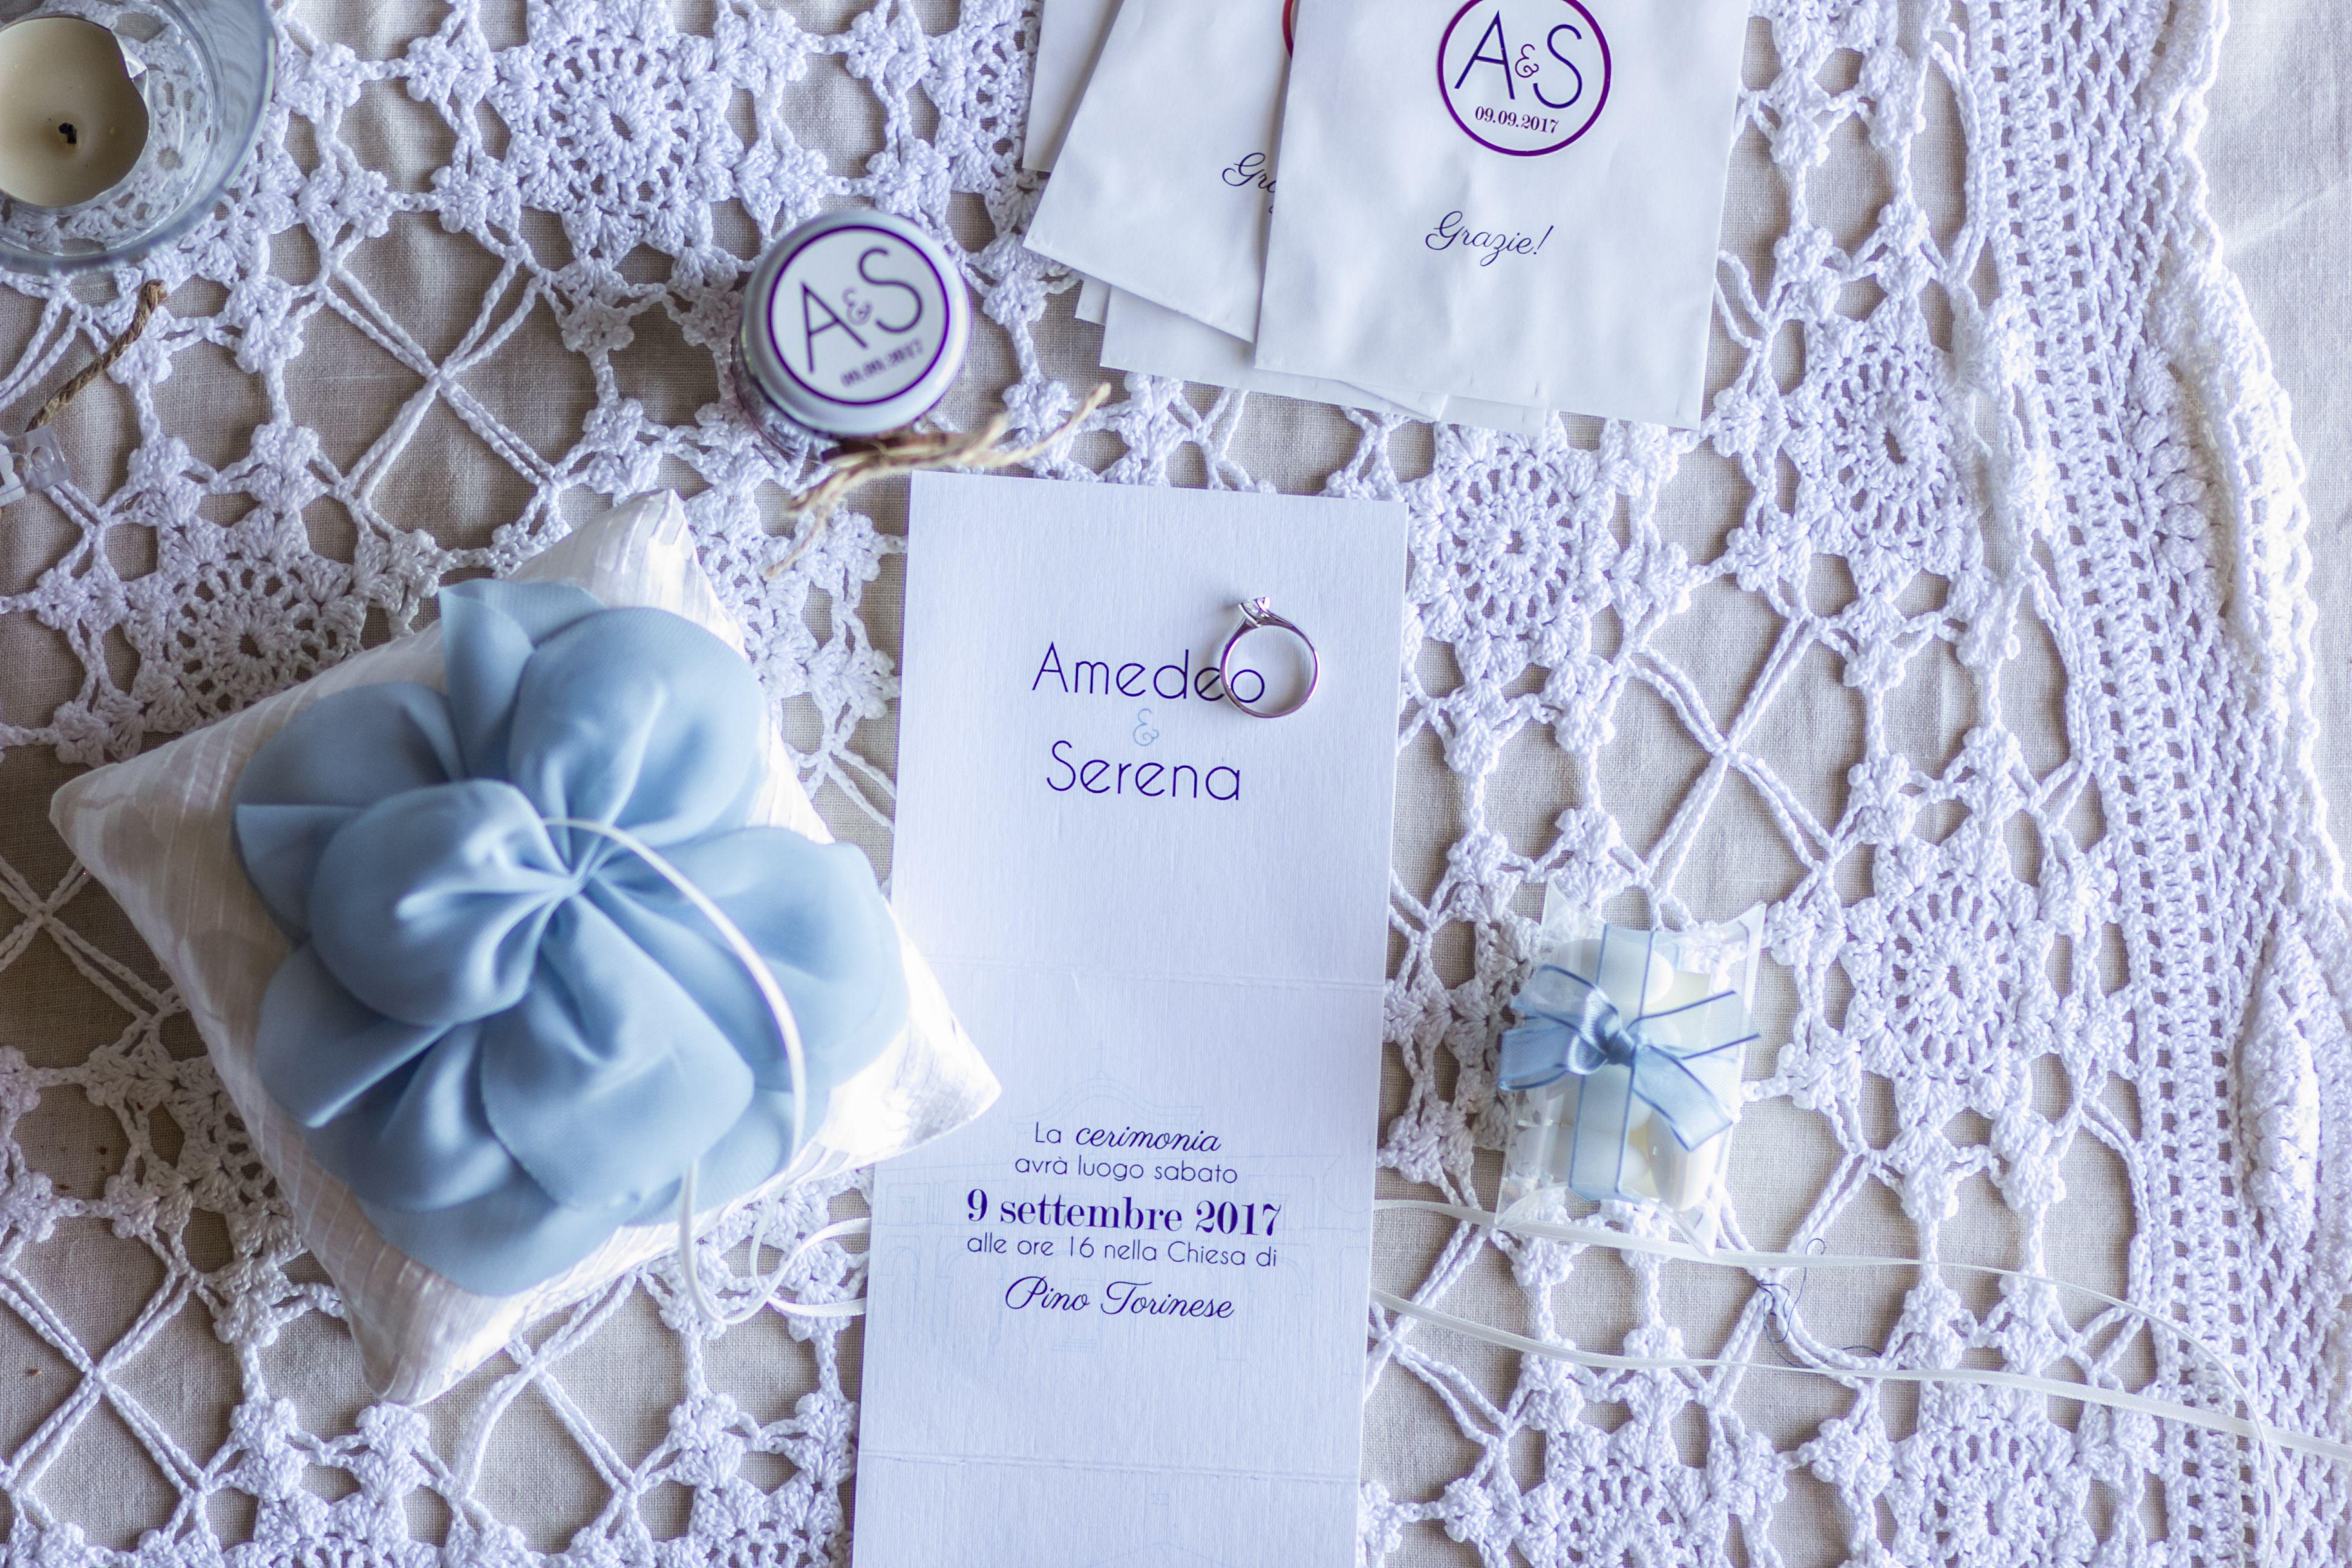 Partecipazioni Matrimonio Azzurro Polvere : Cuscino fedi fiore azzurro polvere fai da te inviti